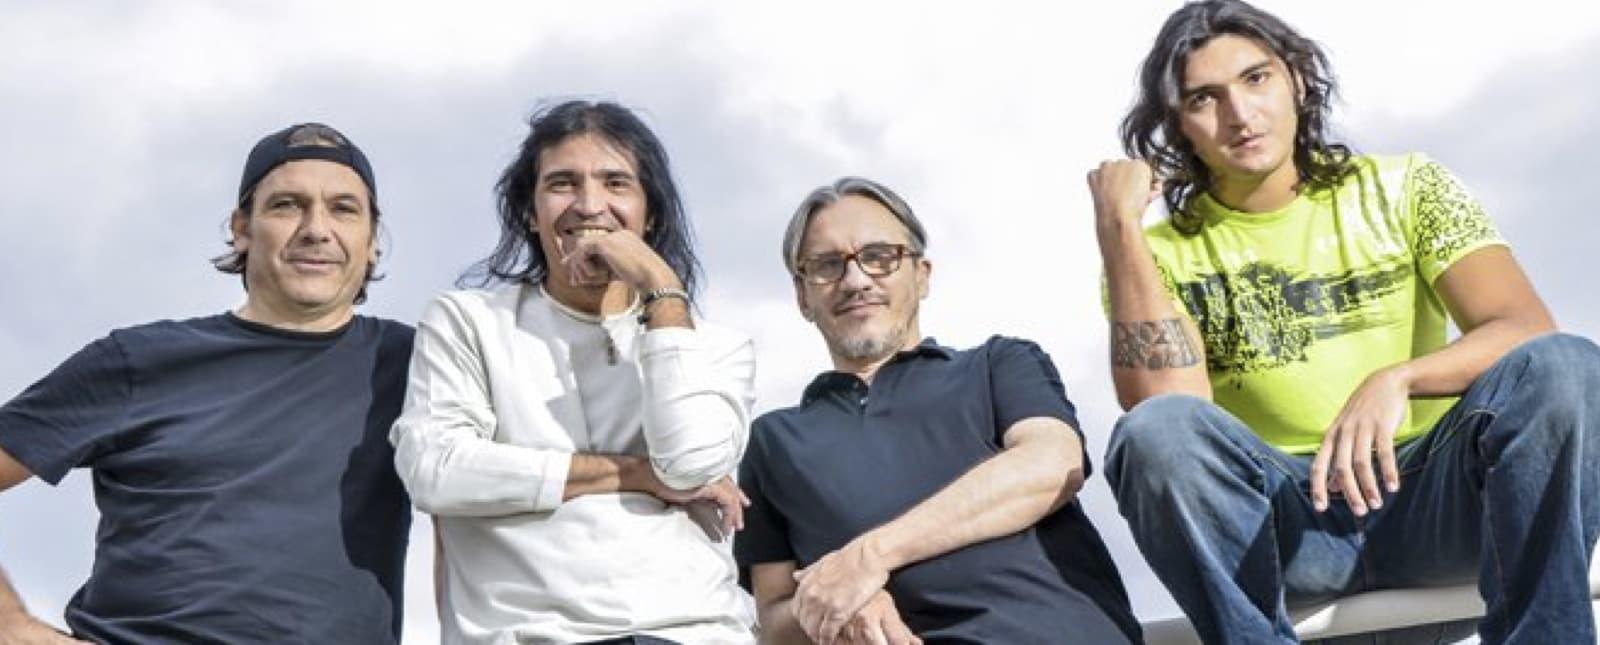 Pa L Norte 2019 Enanitos Verdes Canciones Que Queremos Escuchar Música